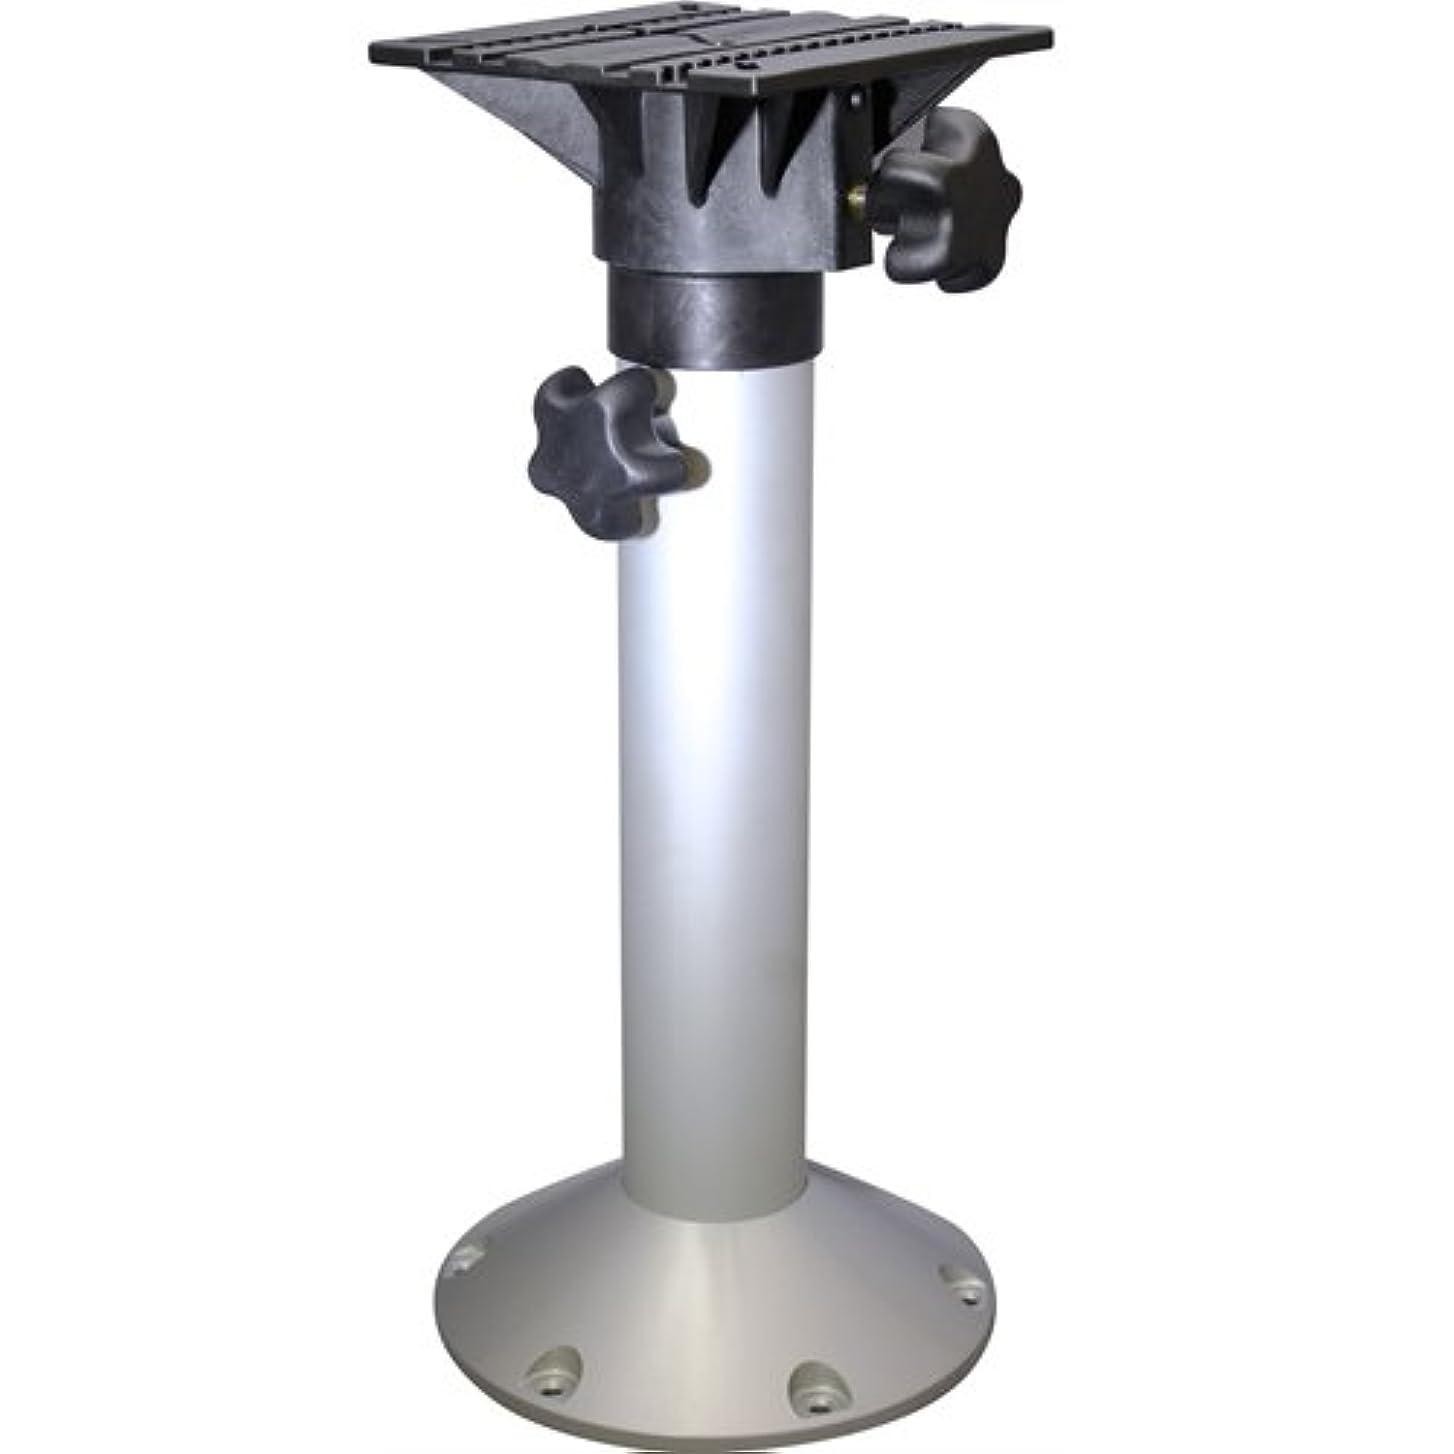 前廃止するラベスイベルベース シートペデスタル 500-750mm C12592D